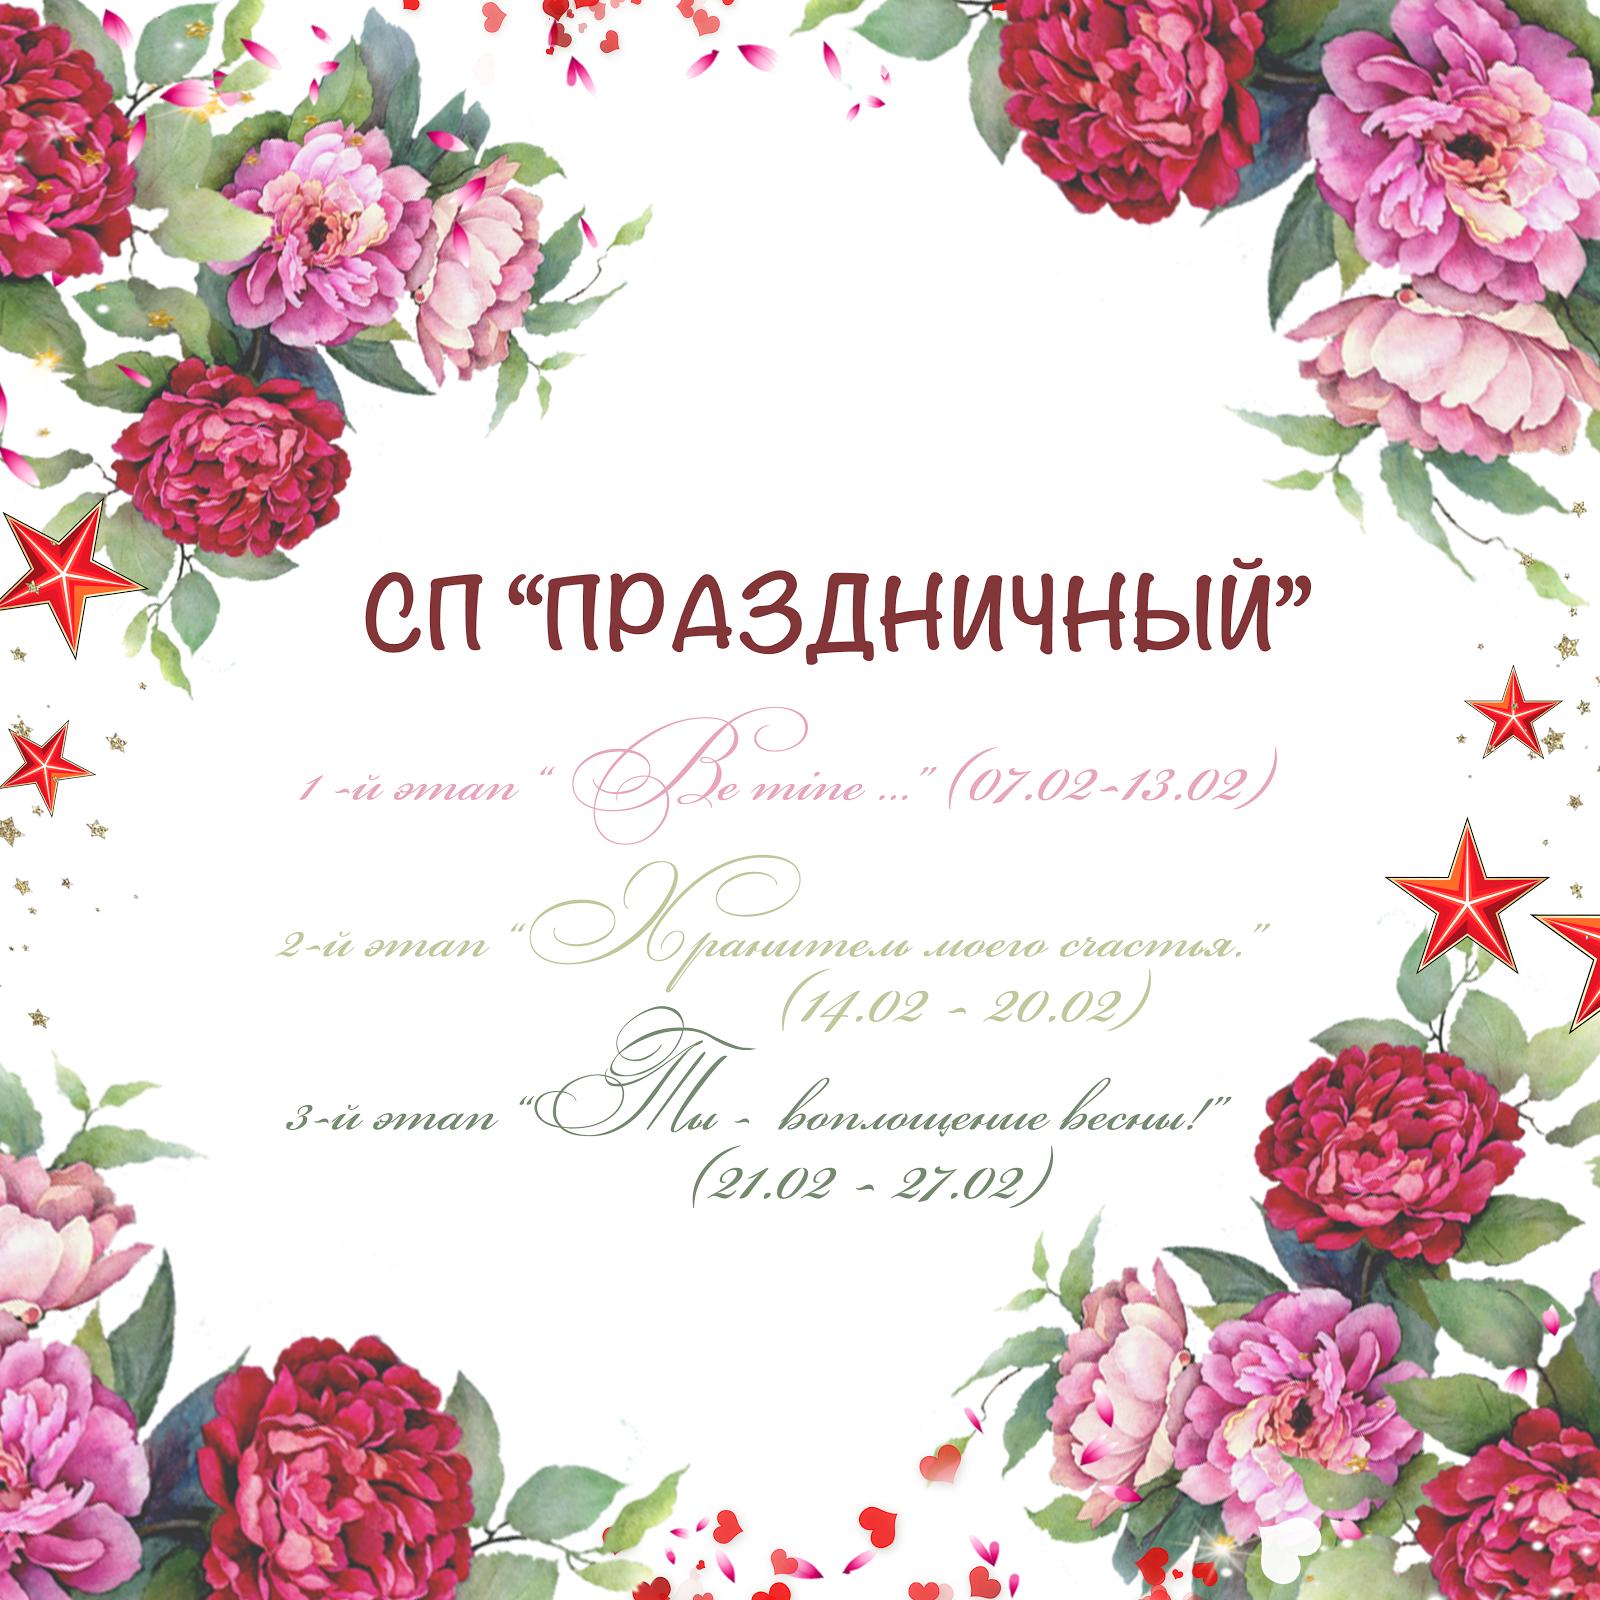 """СП """"Праздничный"""""""